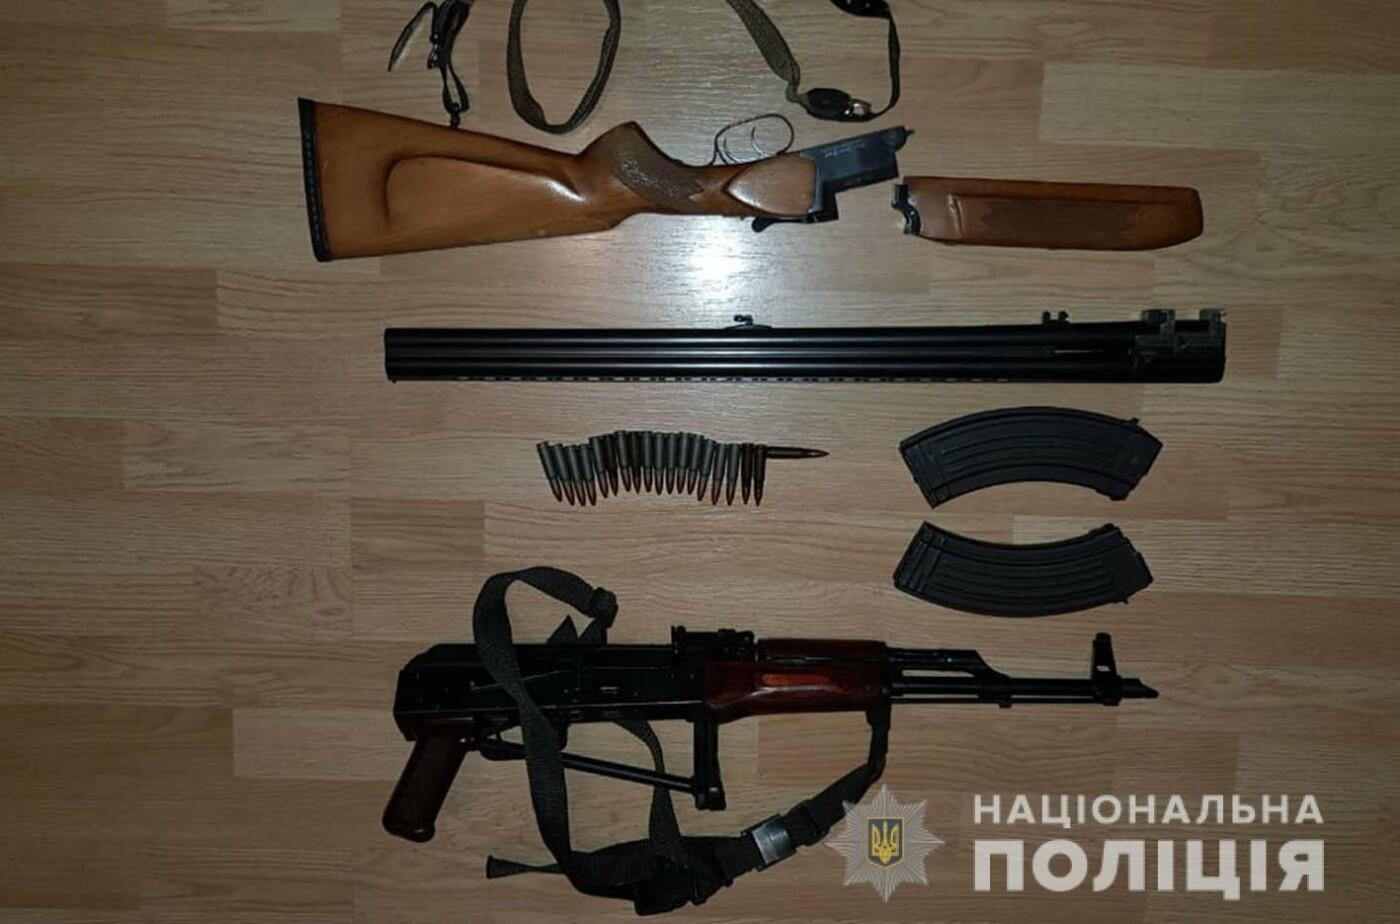 Хмельницькі поліцейські за підозрою у розбійному нападі затримали злочинну групу зі столиці , фото-3